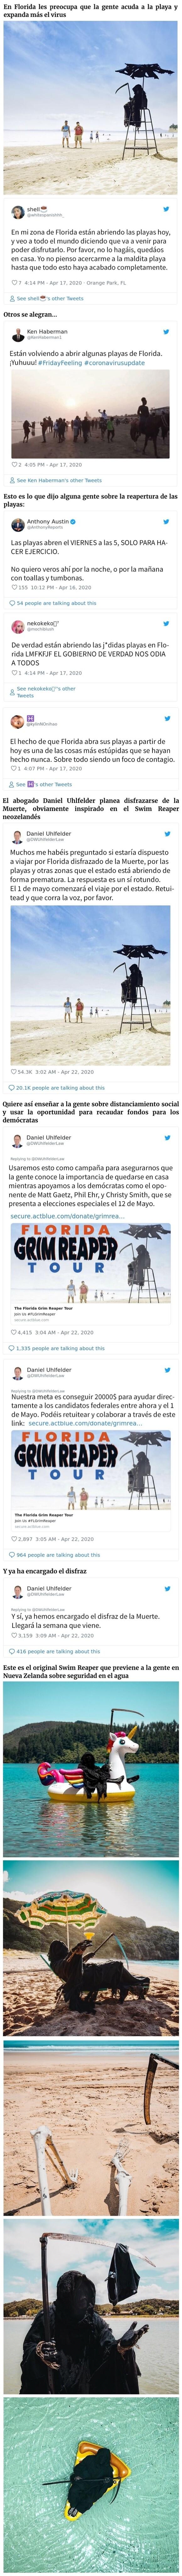 13931 - Este hombre viaja disfrazado de la Muerte por las playas de Florida que han sido abiertas de forma prematura